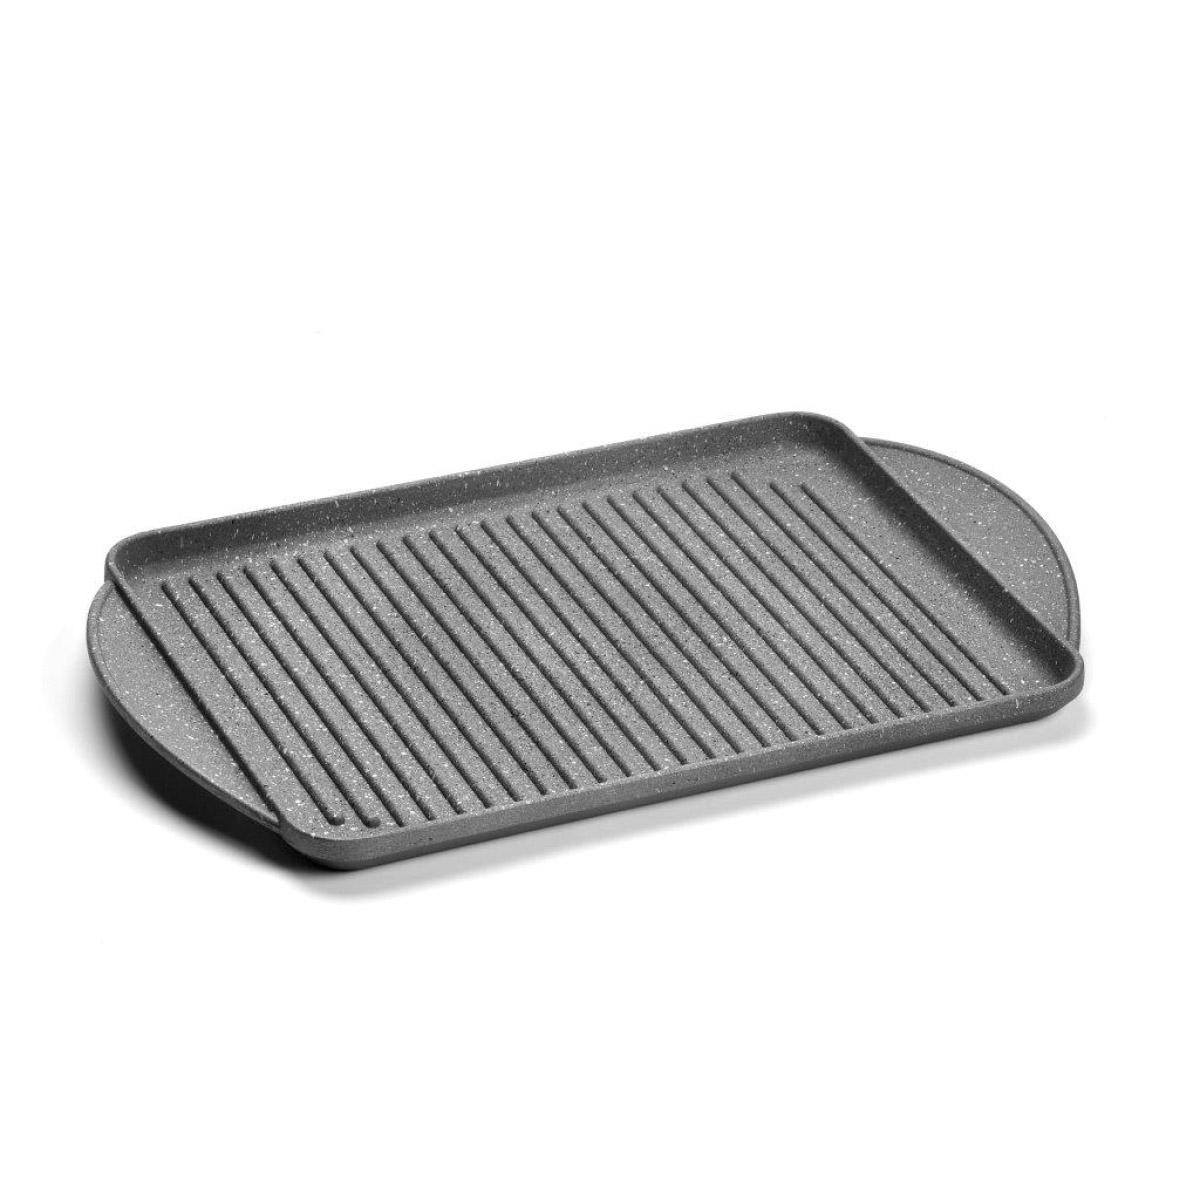 grill-platter.jpg